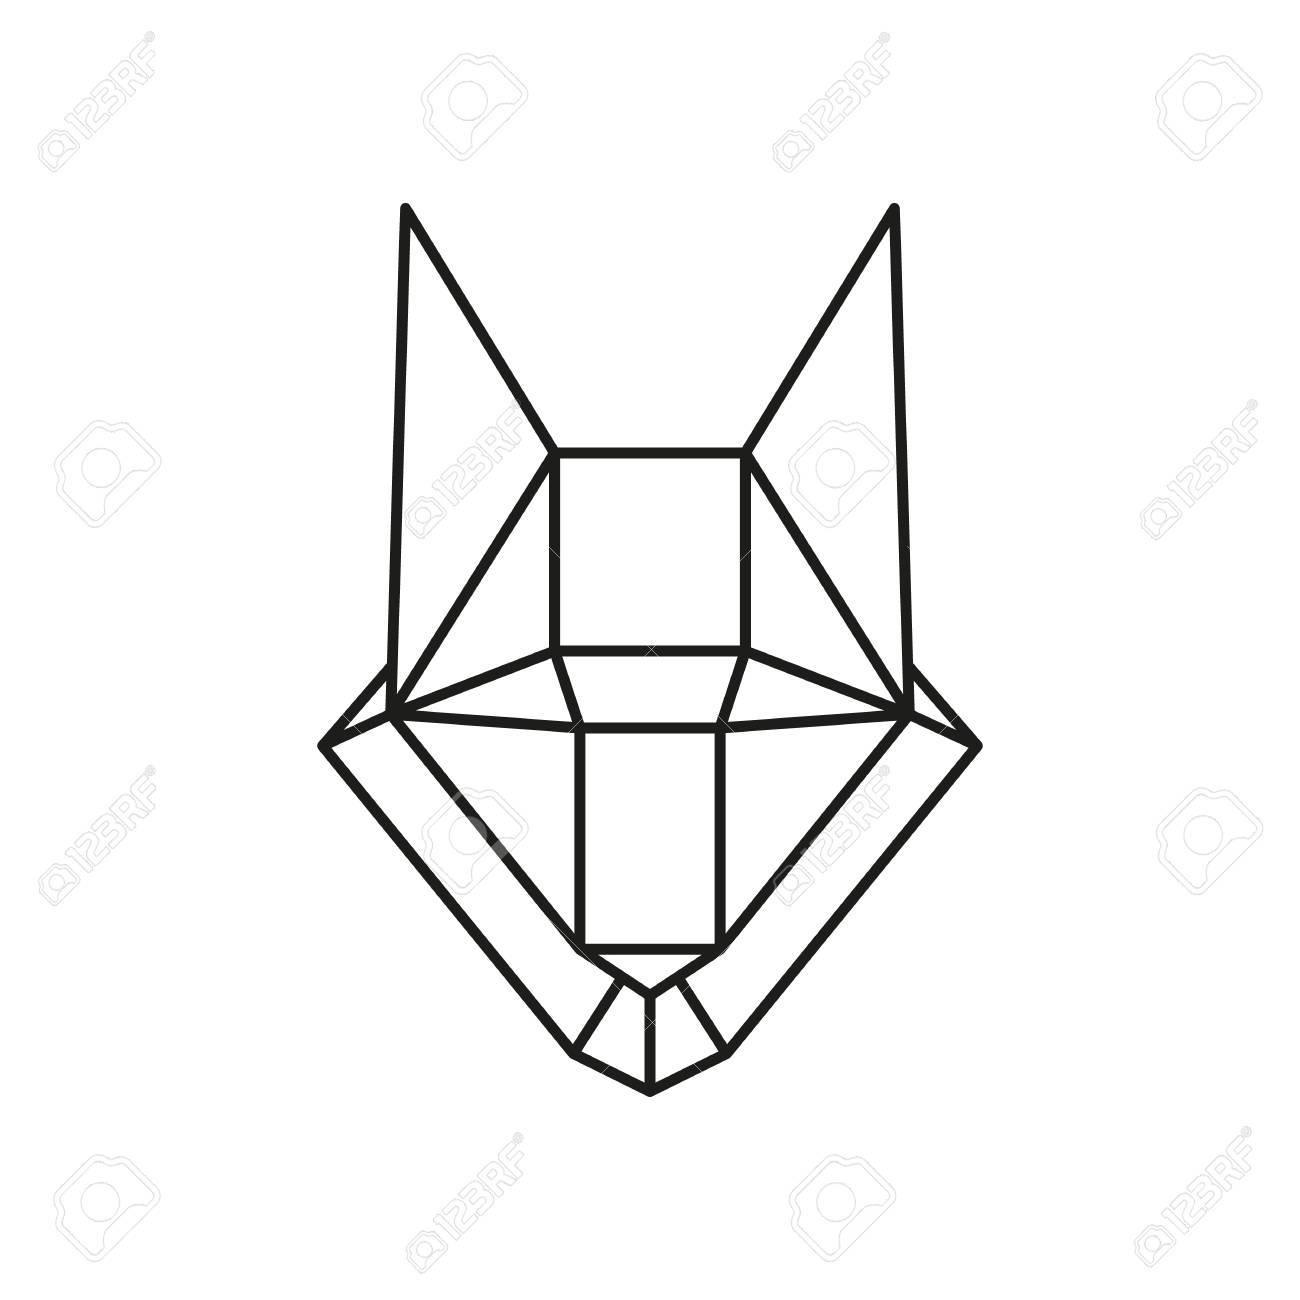 Geometrique Tete De Loup Animal Dessine En Ligne Ou Le Style De